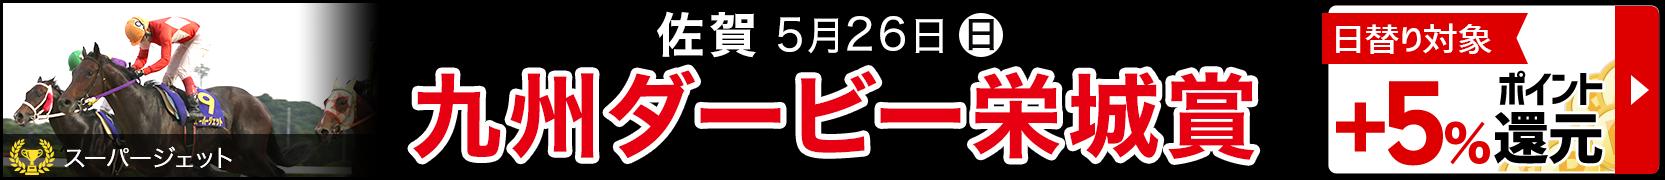 九州ダービー栄城賞日替りで5%ポイント還元